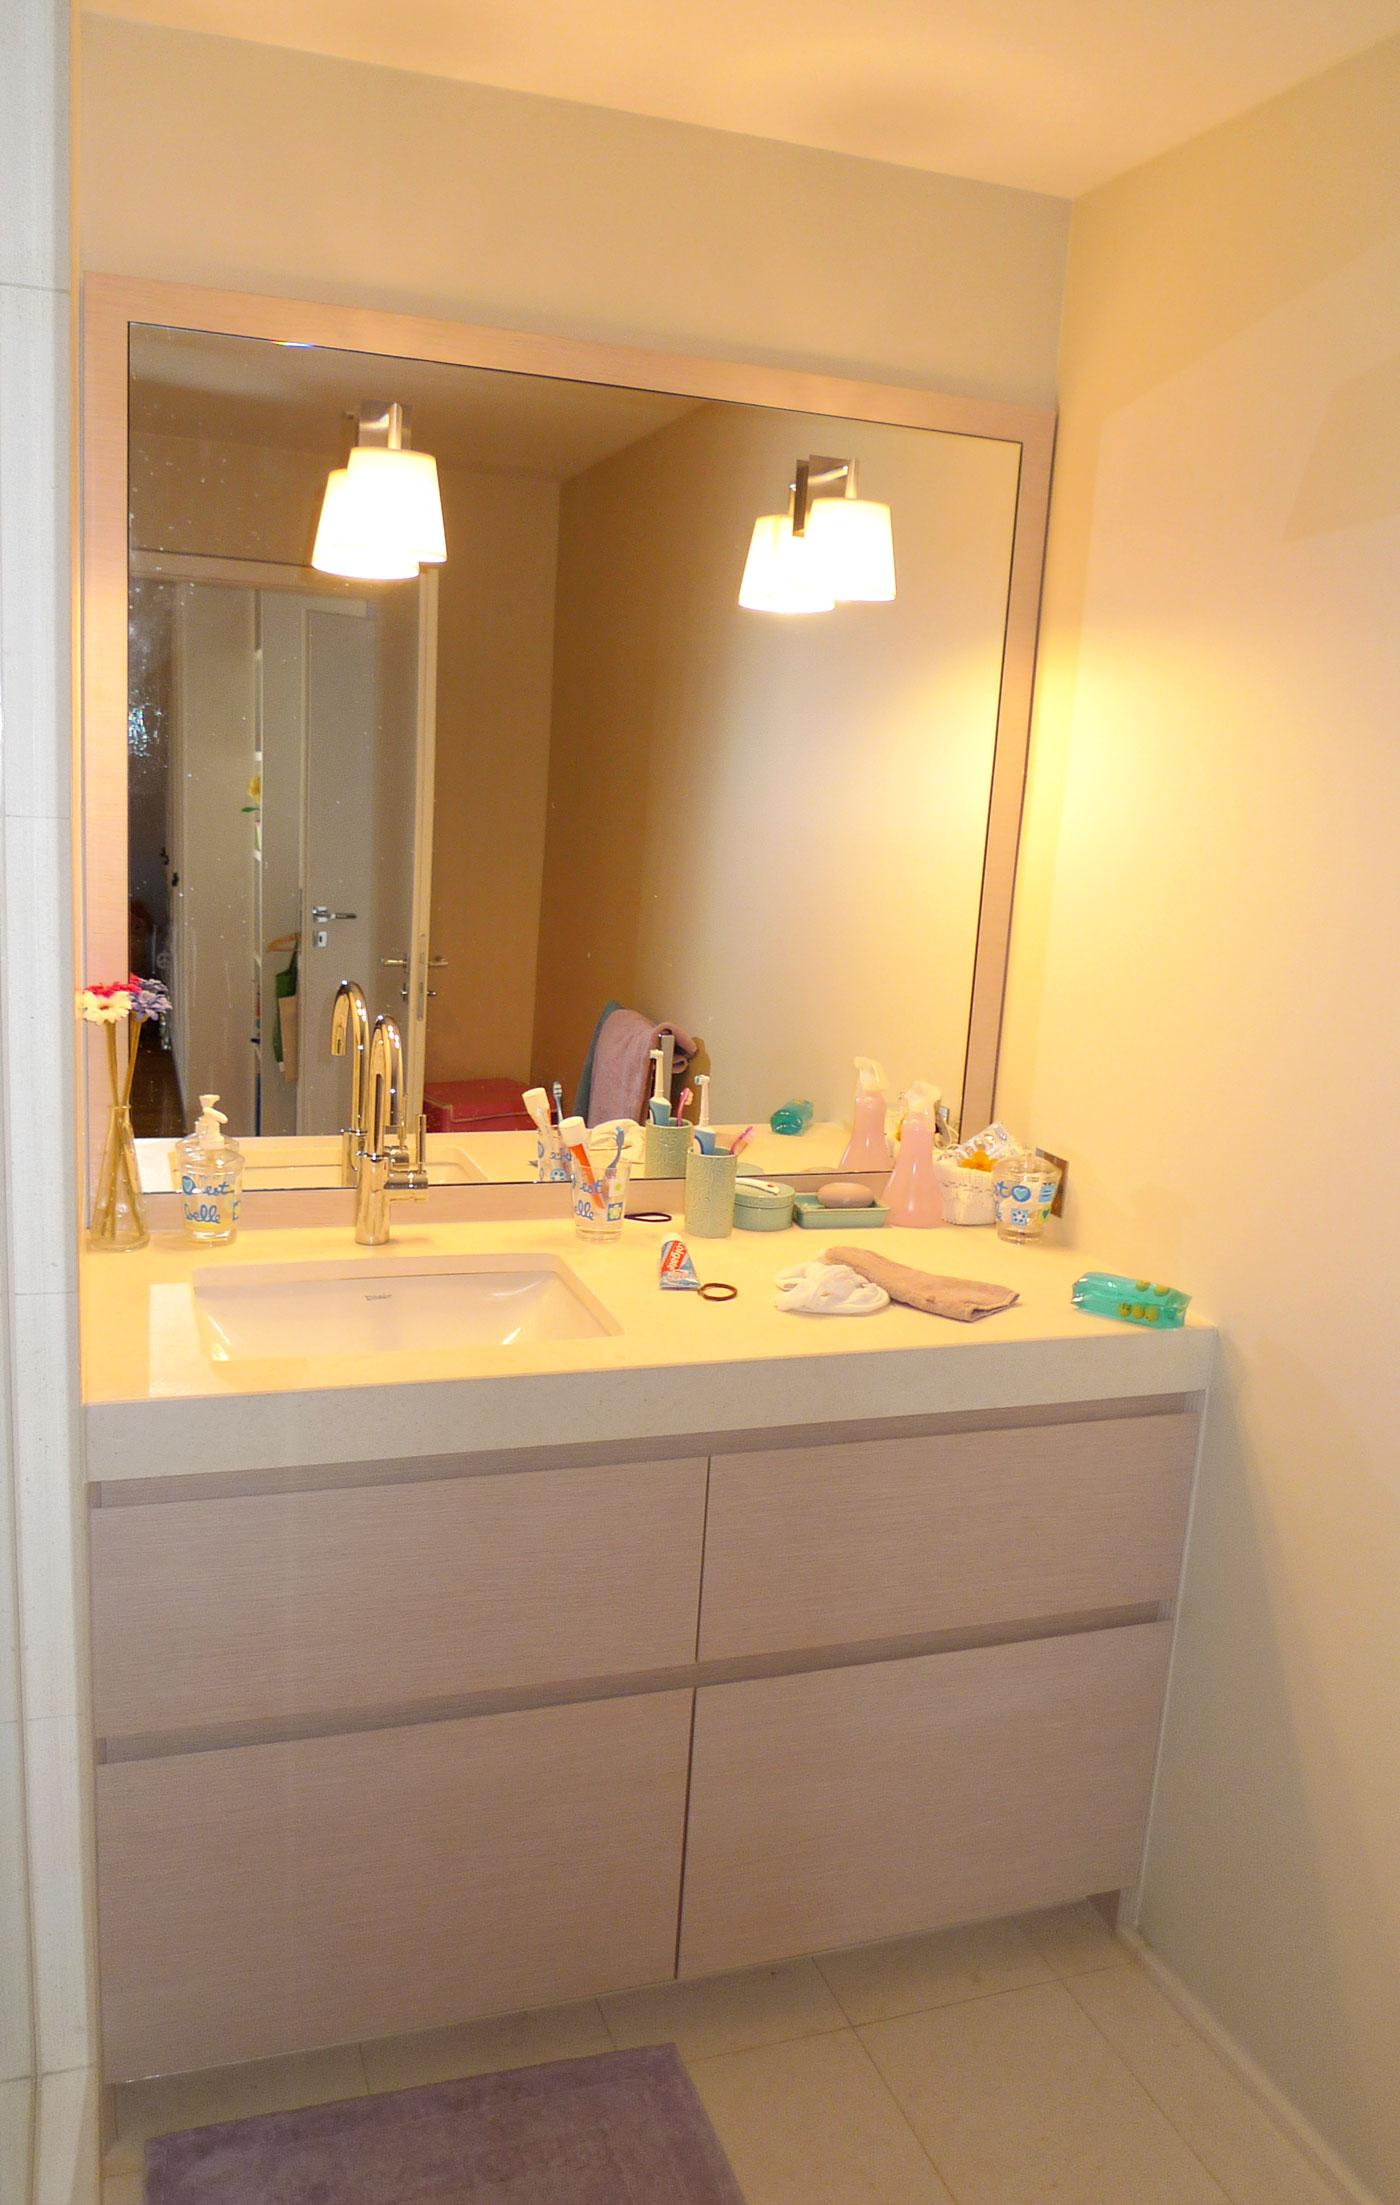 meuble miroir de salle de bain Galerie d inspiration pour la